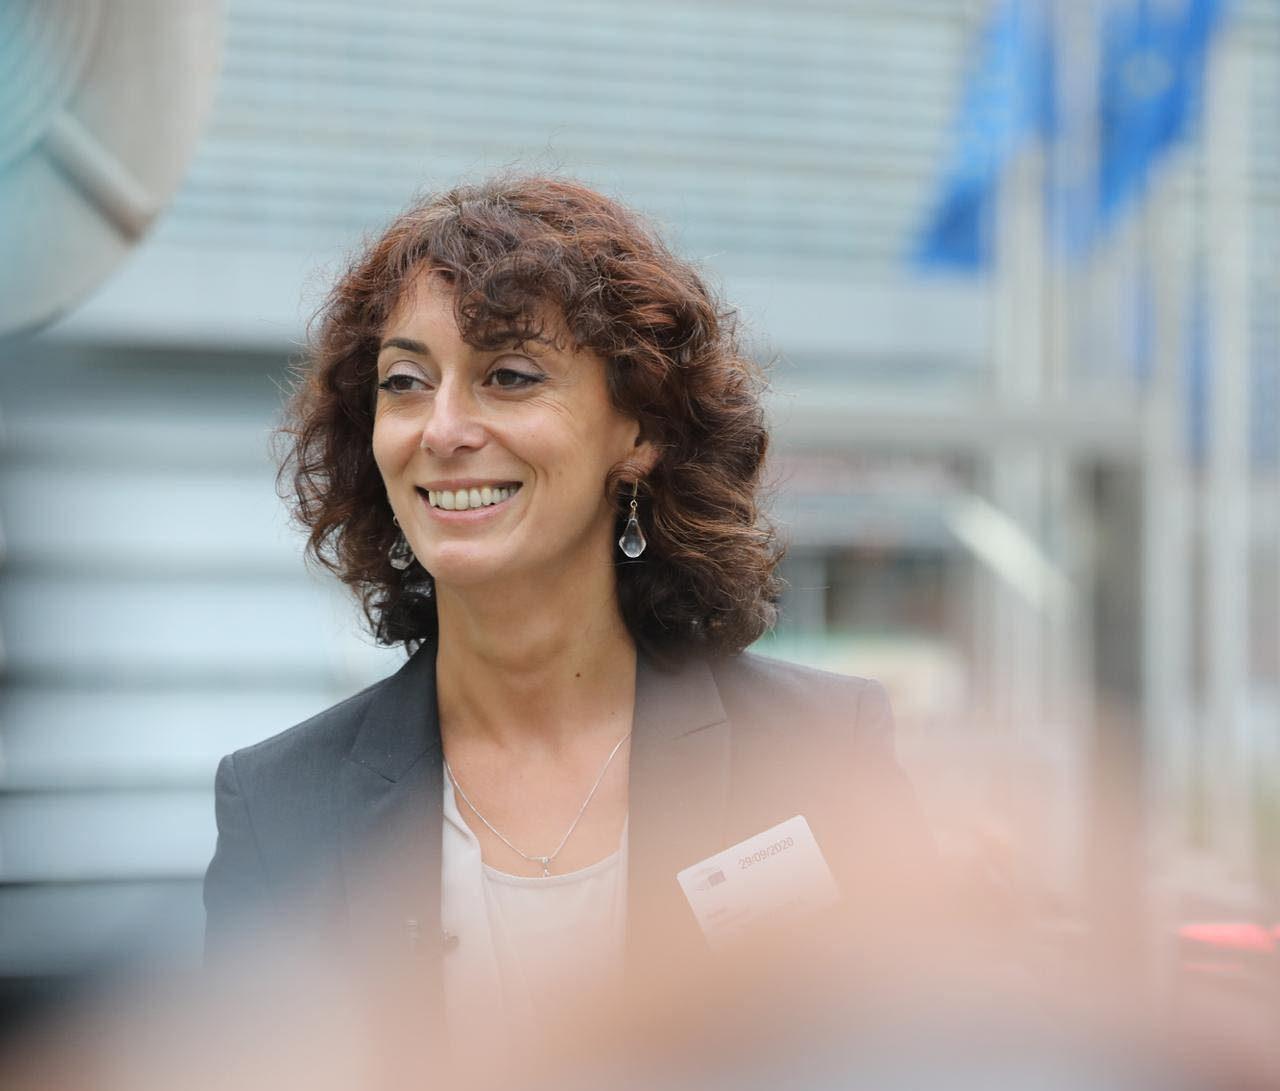 nata sabanadze e1616314252272 брюссель брюссель